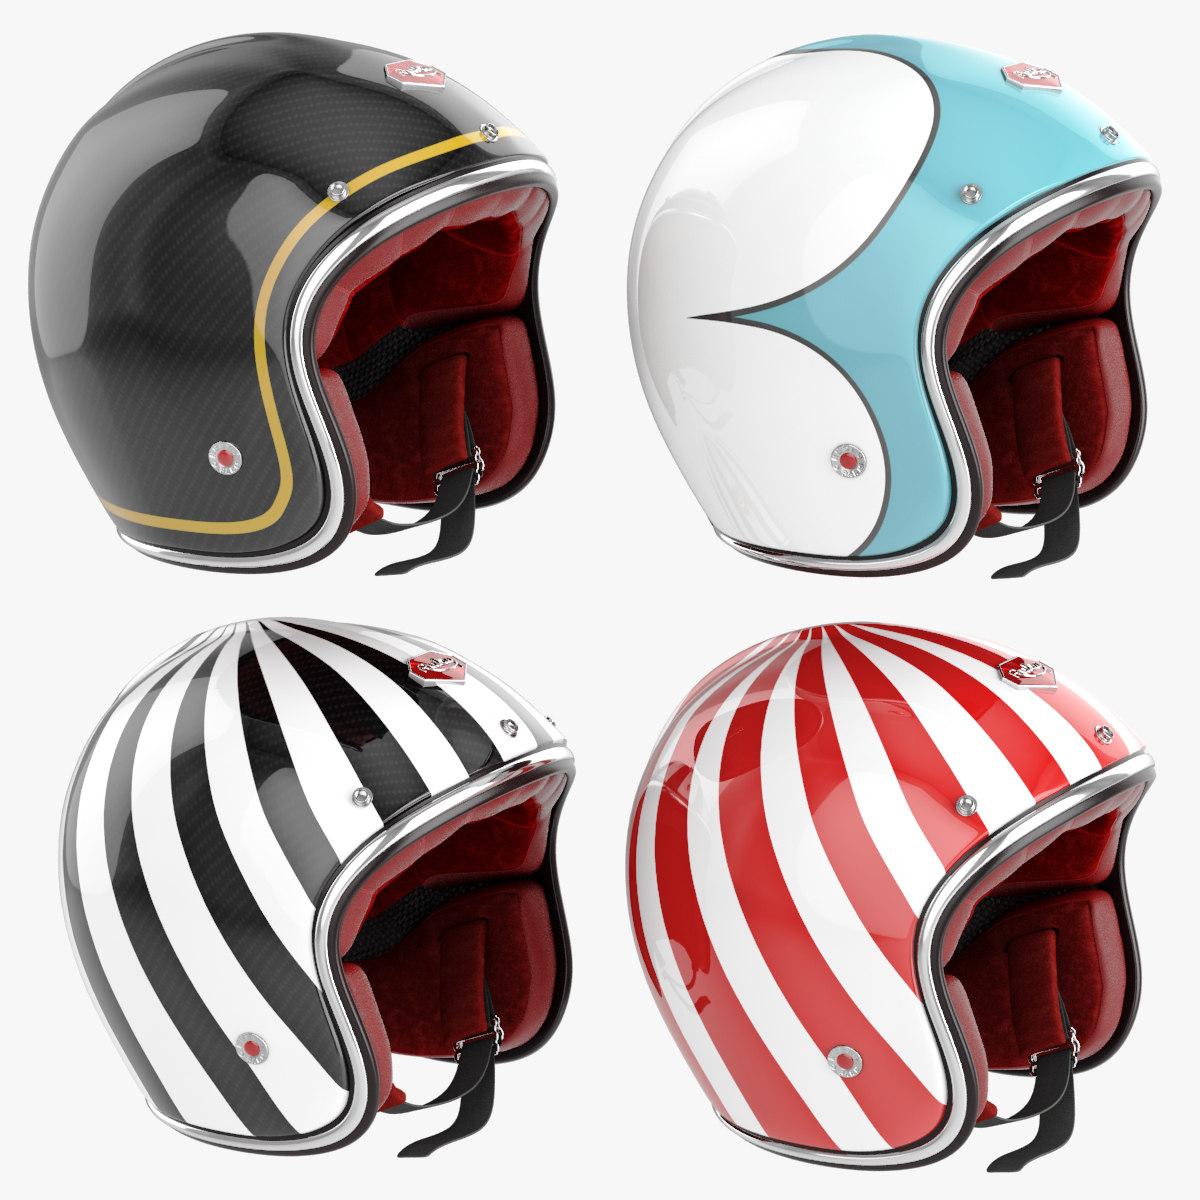 Helmet Ruby four coloring_00000.jpg